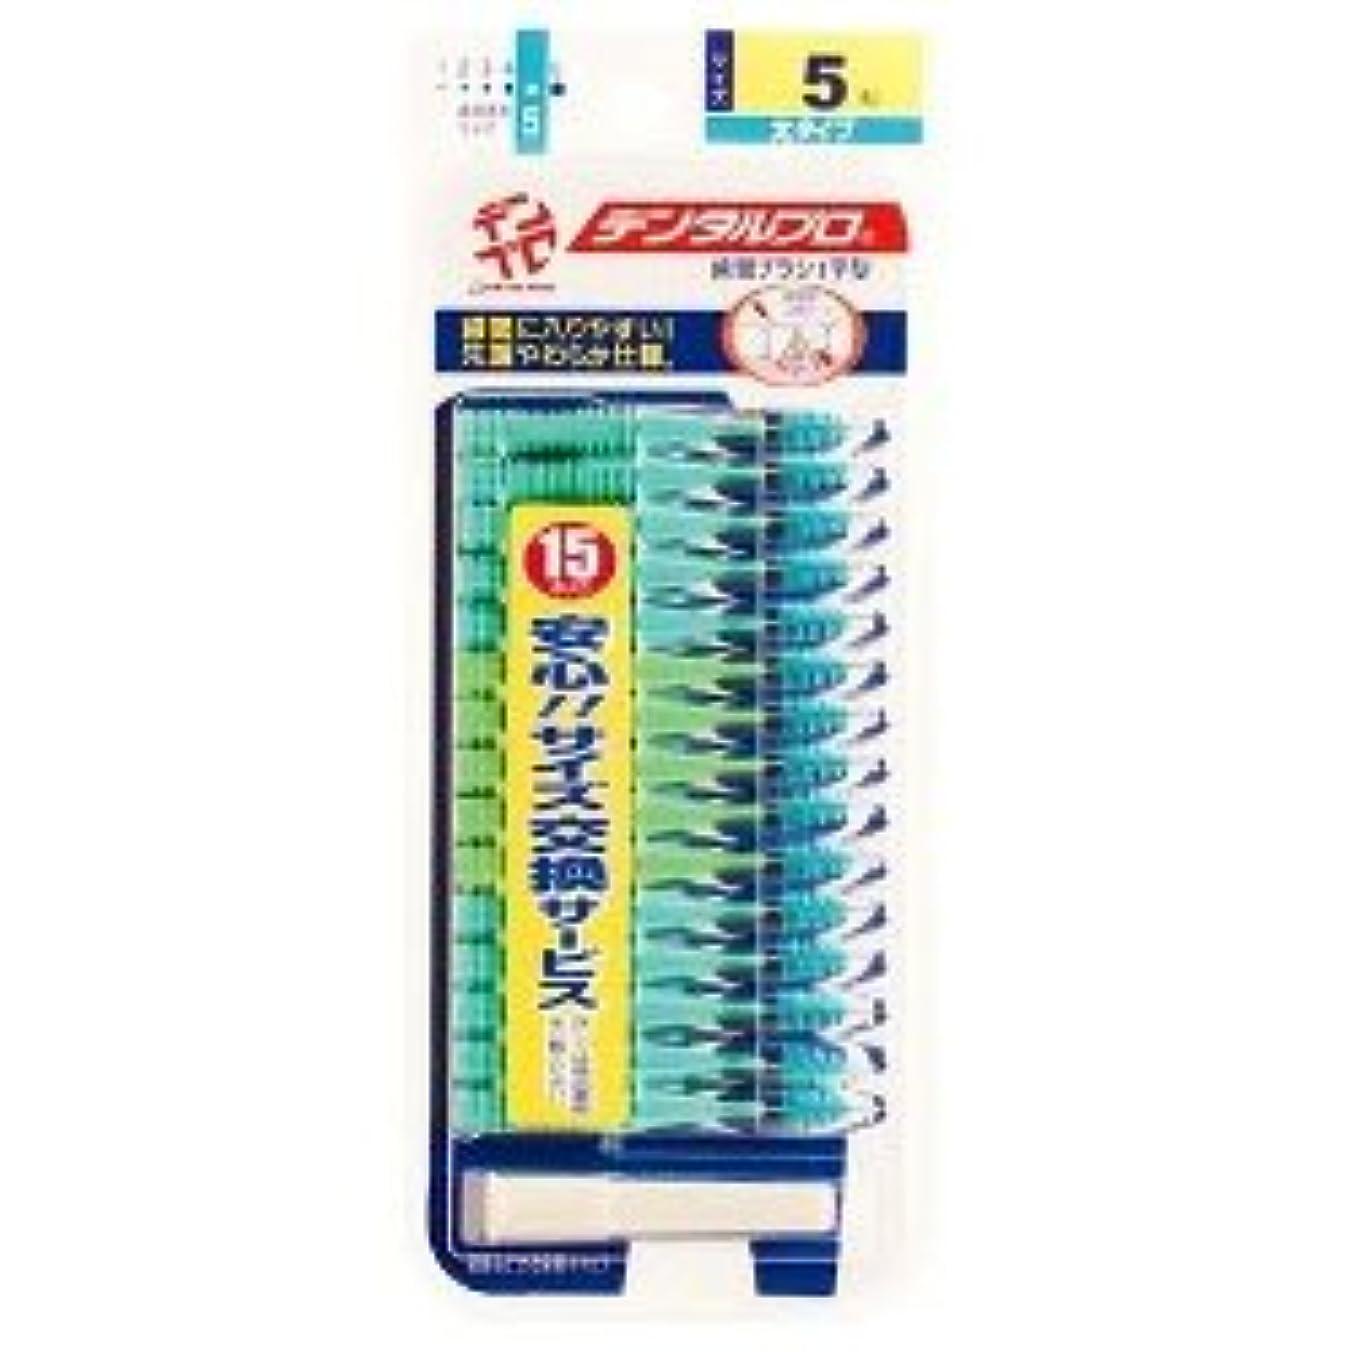 ディスク副詞反対に【デンタルプロ】デンタルプロ 歯間ブラシ サイズ5-L 15本入 ×3個セット